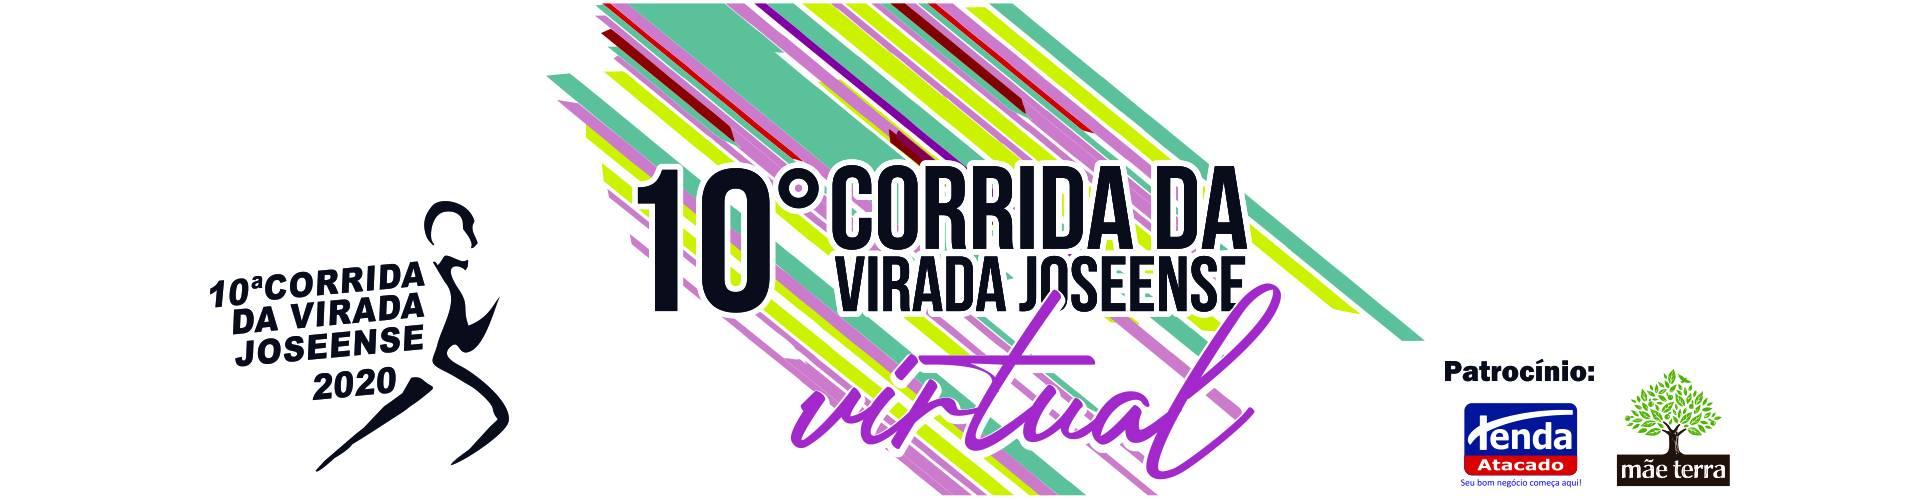 Corrida da Virada Joseense (edição virtual)